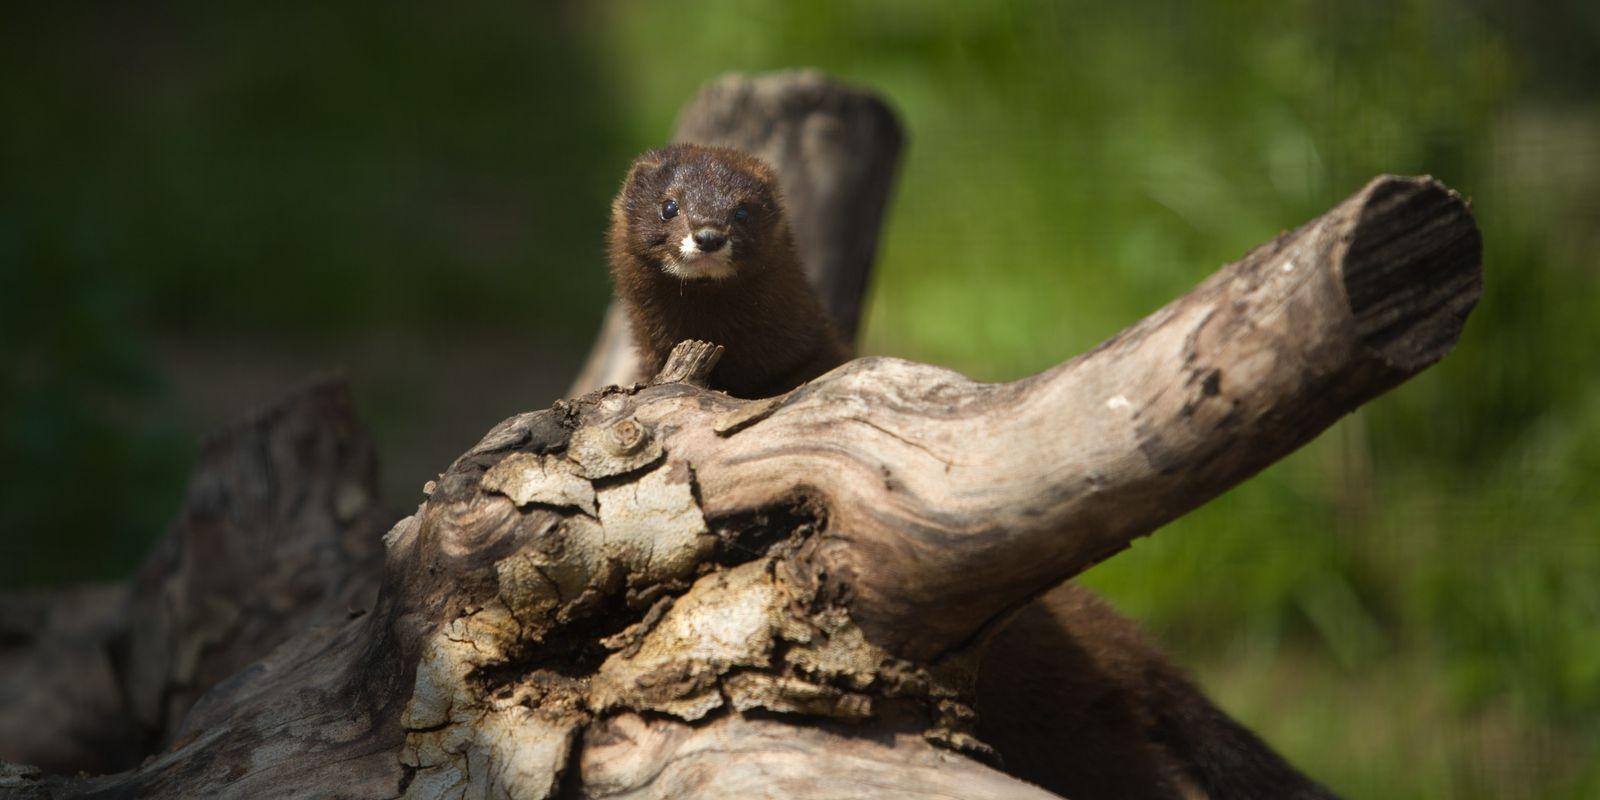 Biodiversité : la faune française continue de s'appauvrir à un rythme alarmant